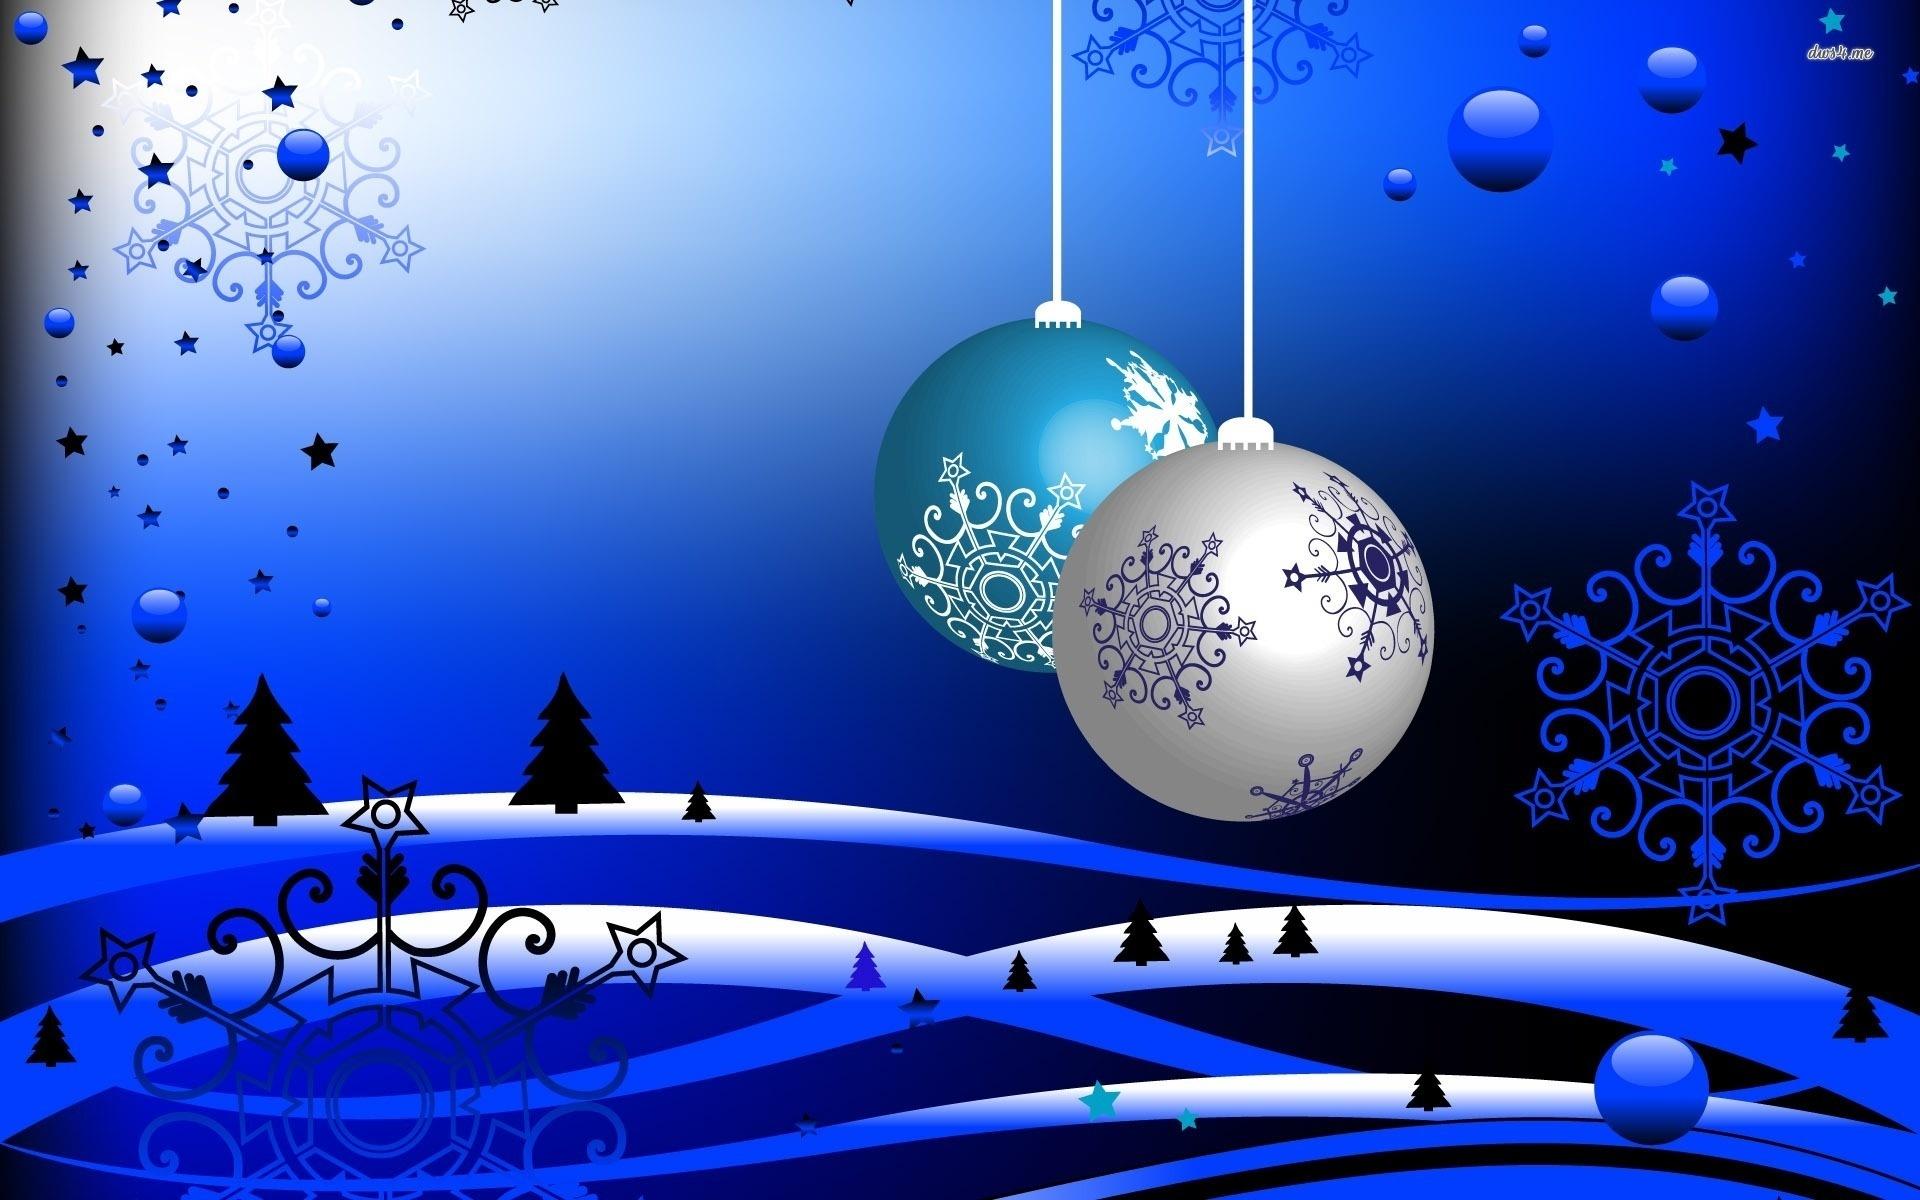 они отличаются открытки с новым годом на синем фоне россии могут